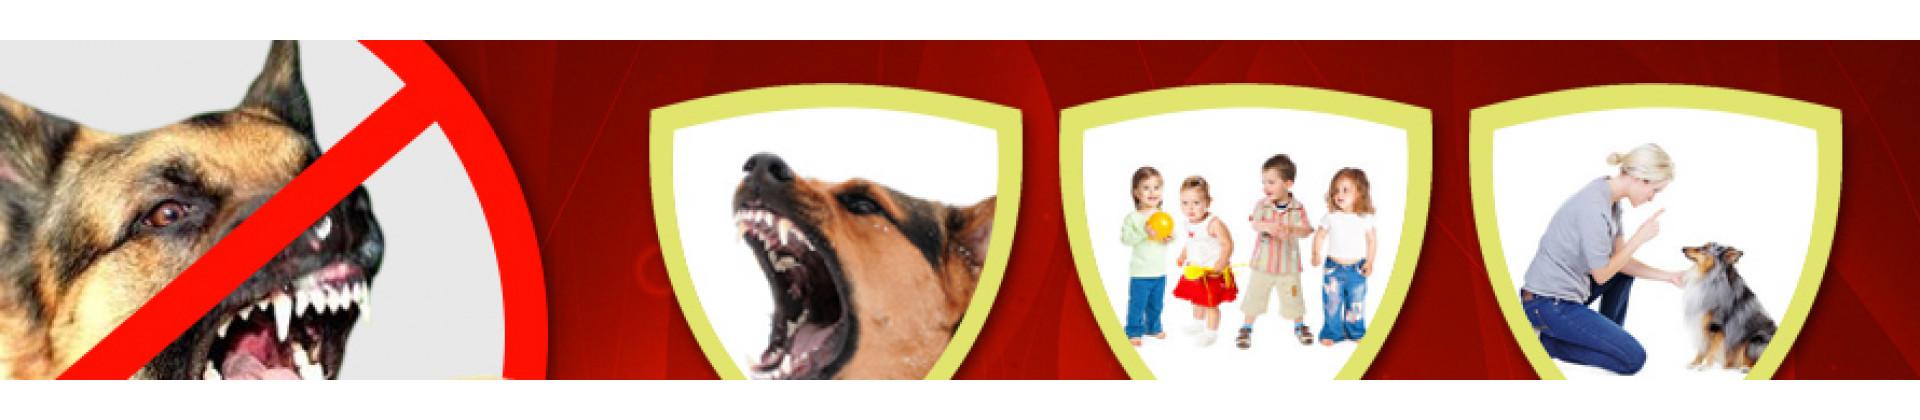 Персональные отпугиватели для собак